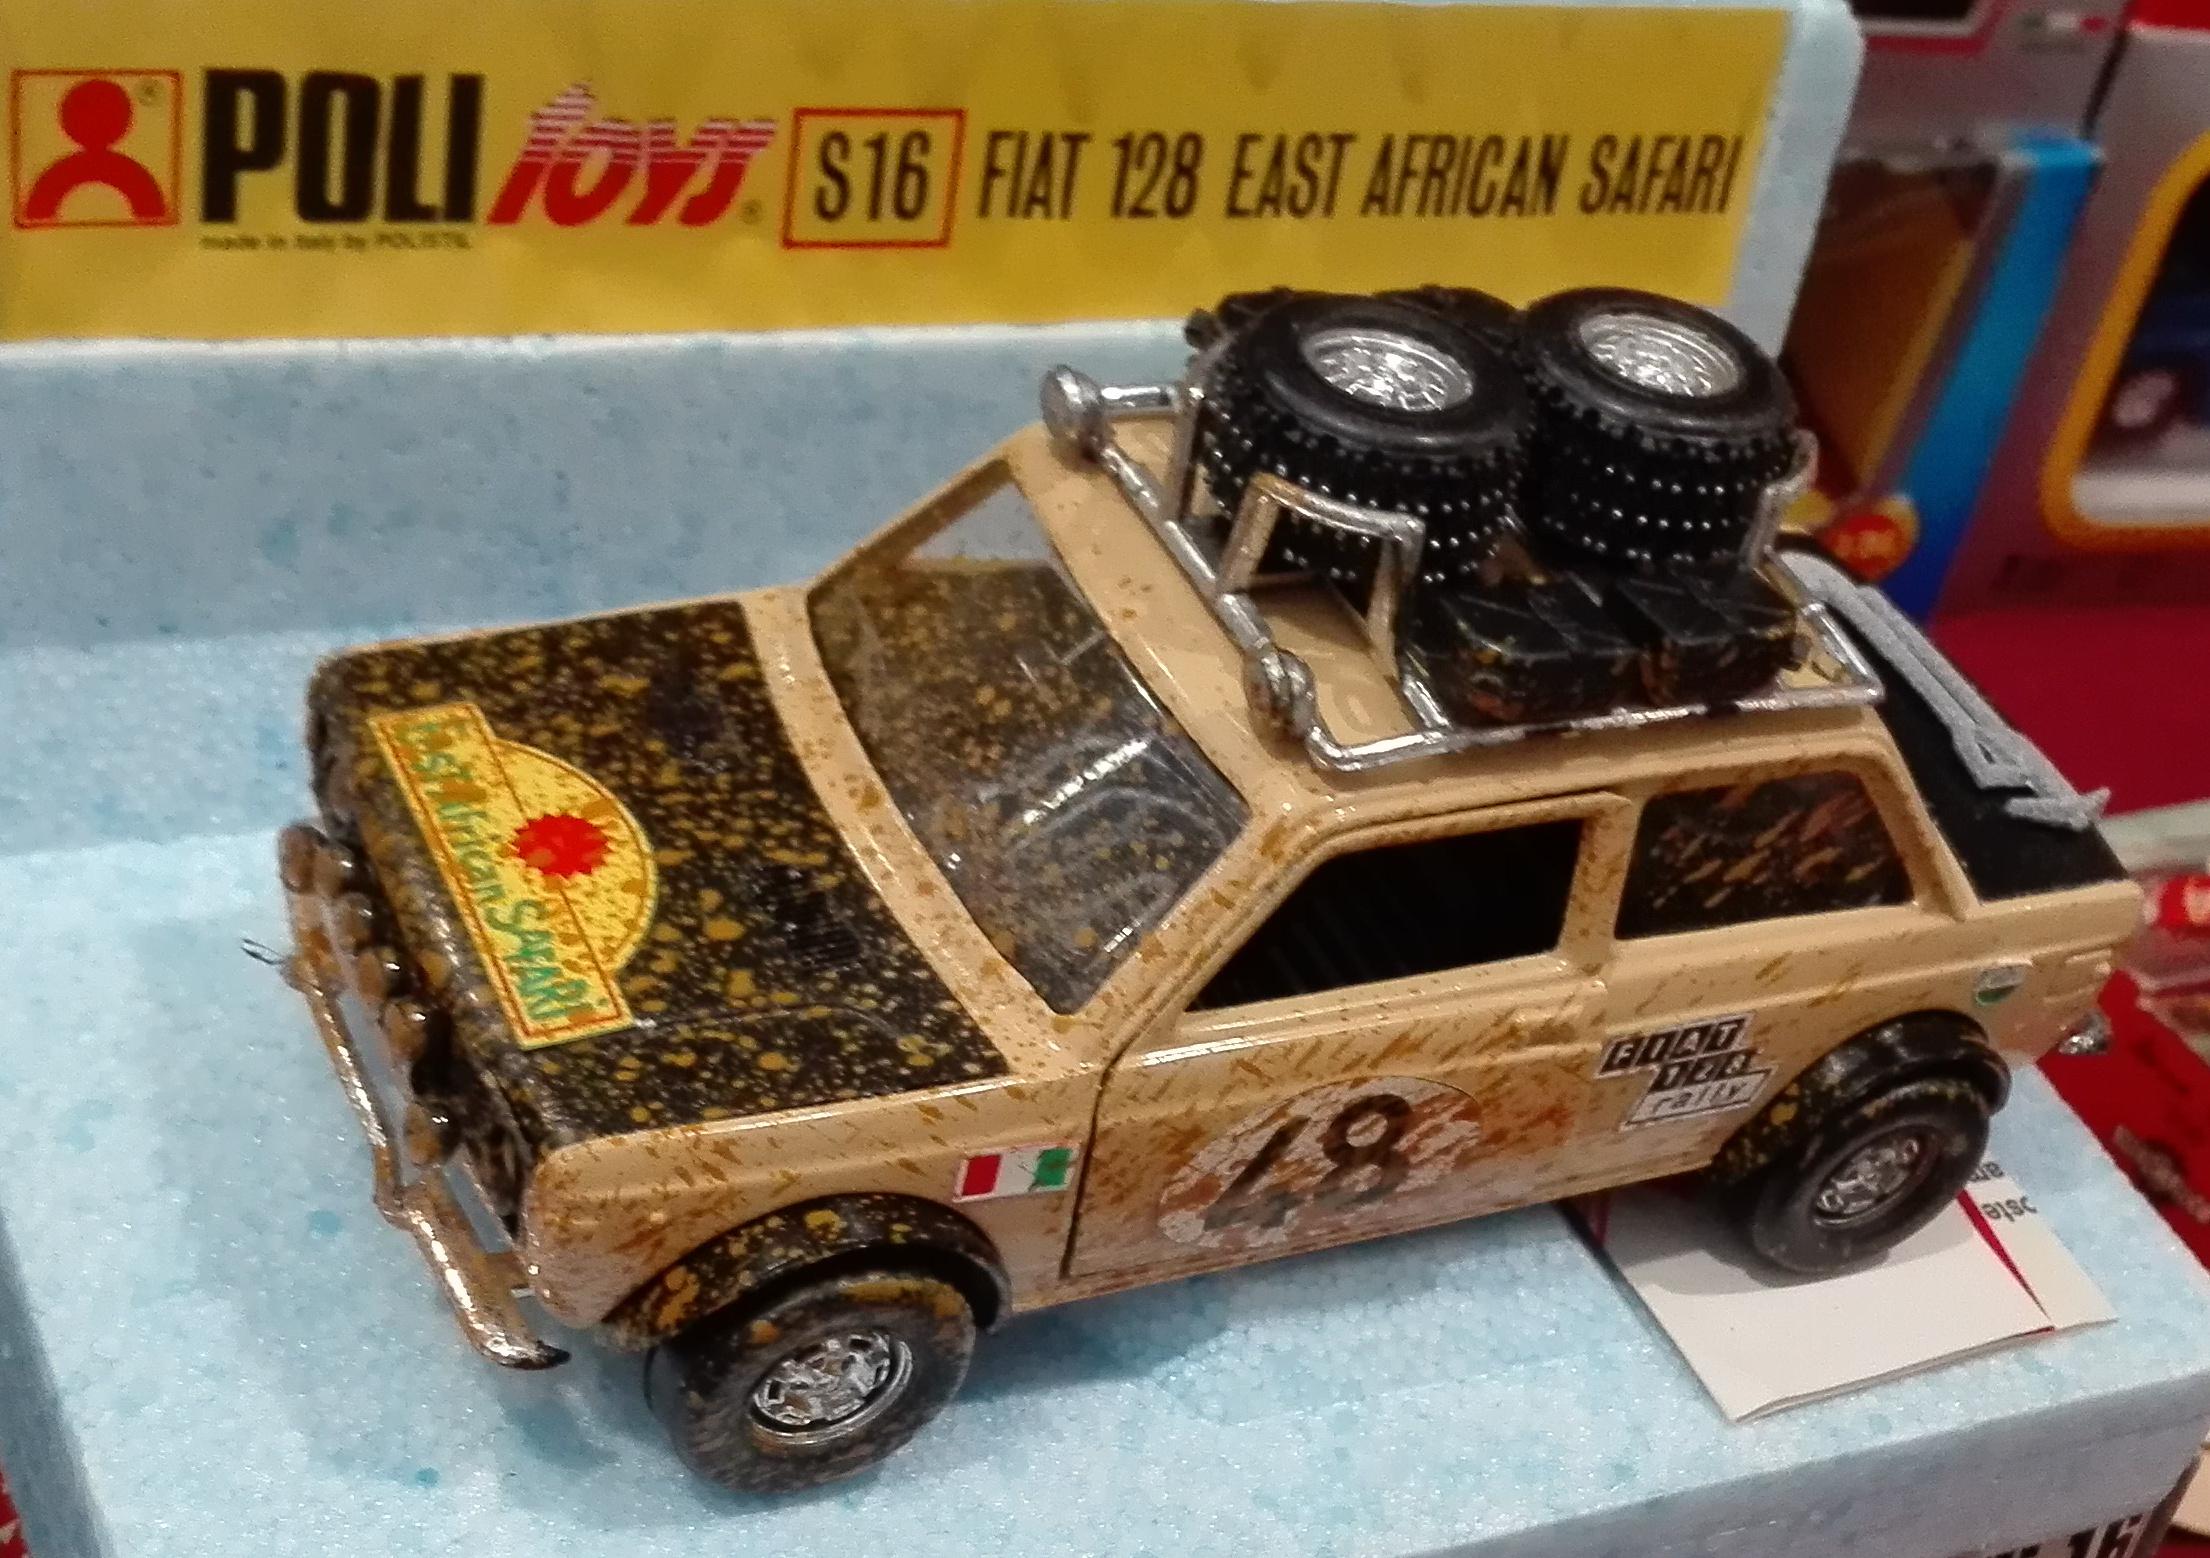 S16, Fiat 128 Rallye 1300 East African Safari (1973)